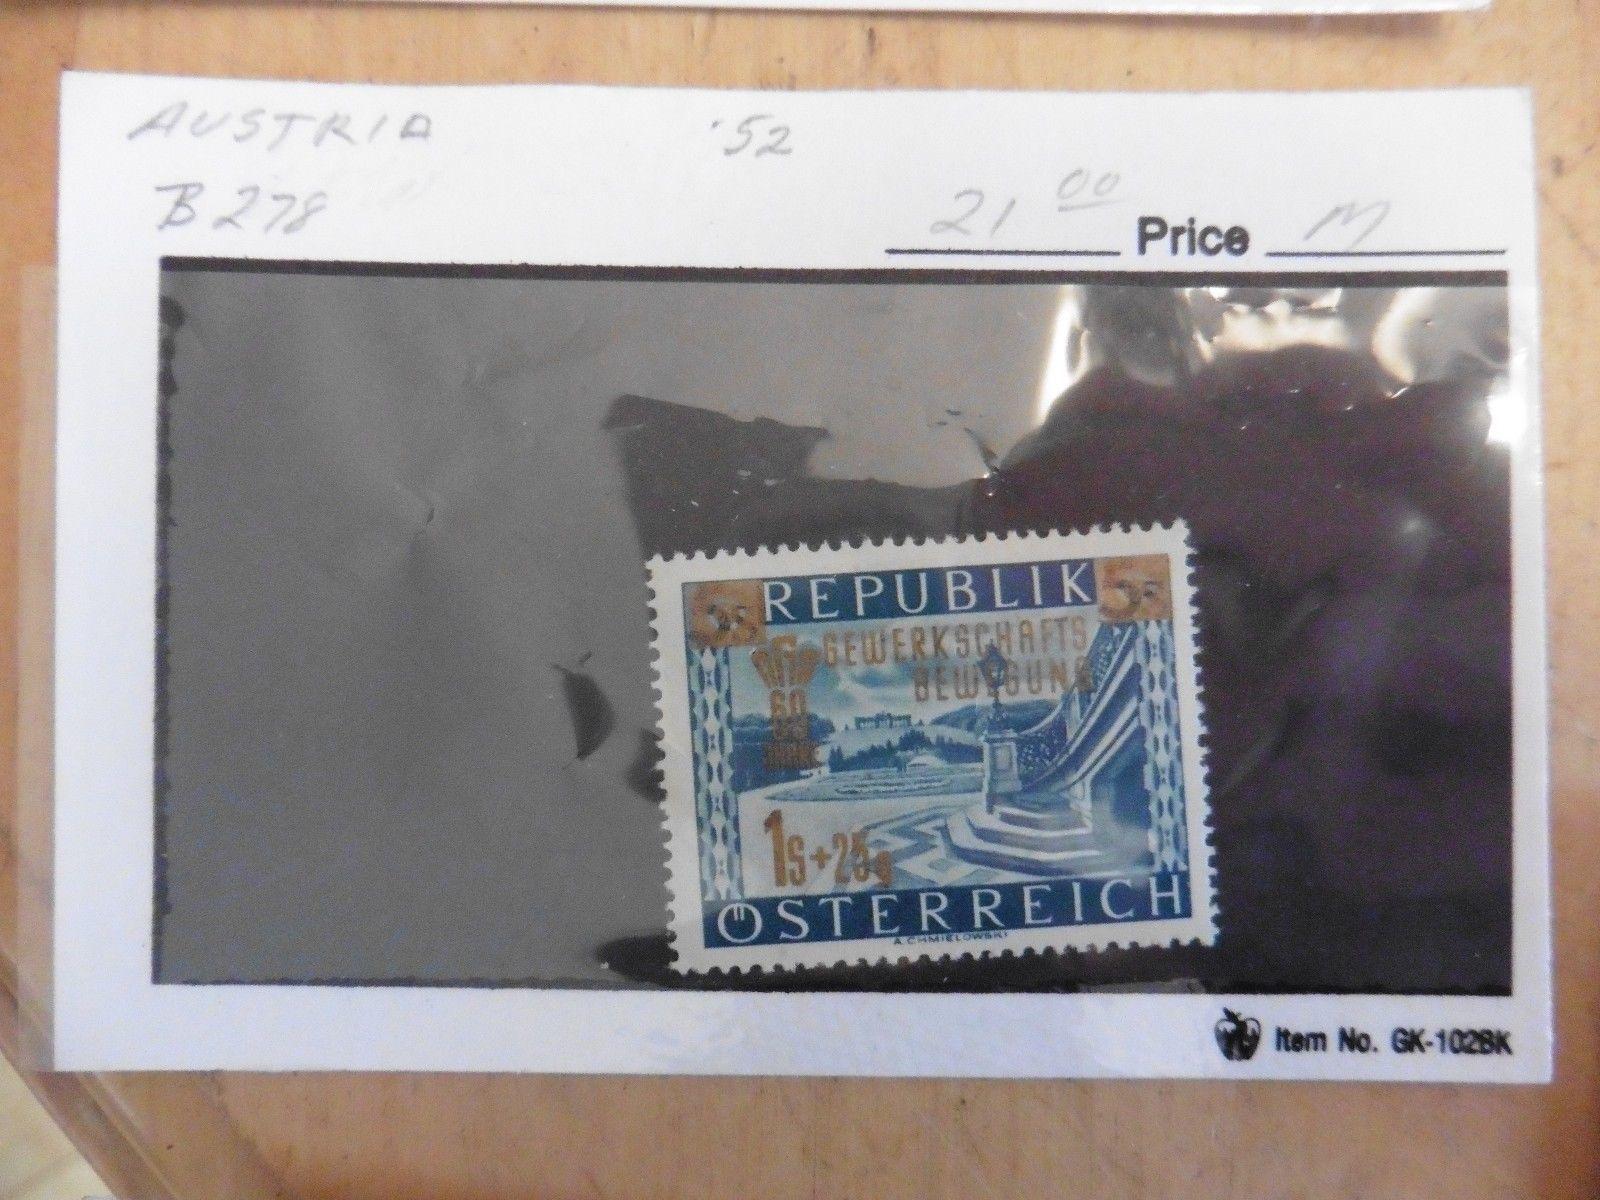 G12 LOT Austria Stamps 2s Klagenfurt 20 heller Post mark 1s+25g Gewerkschafts +